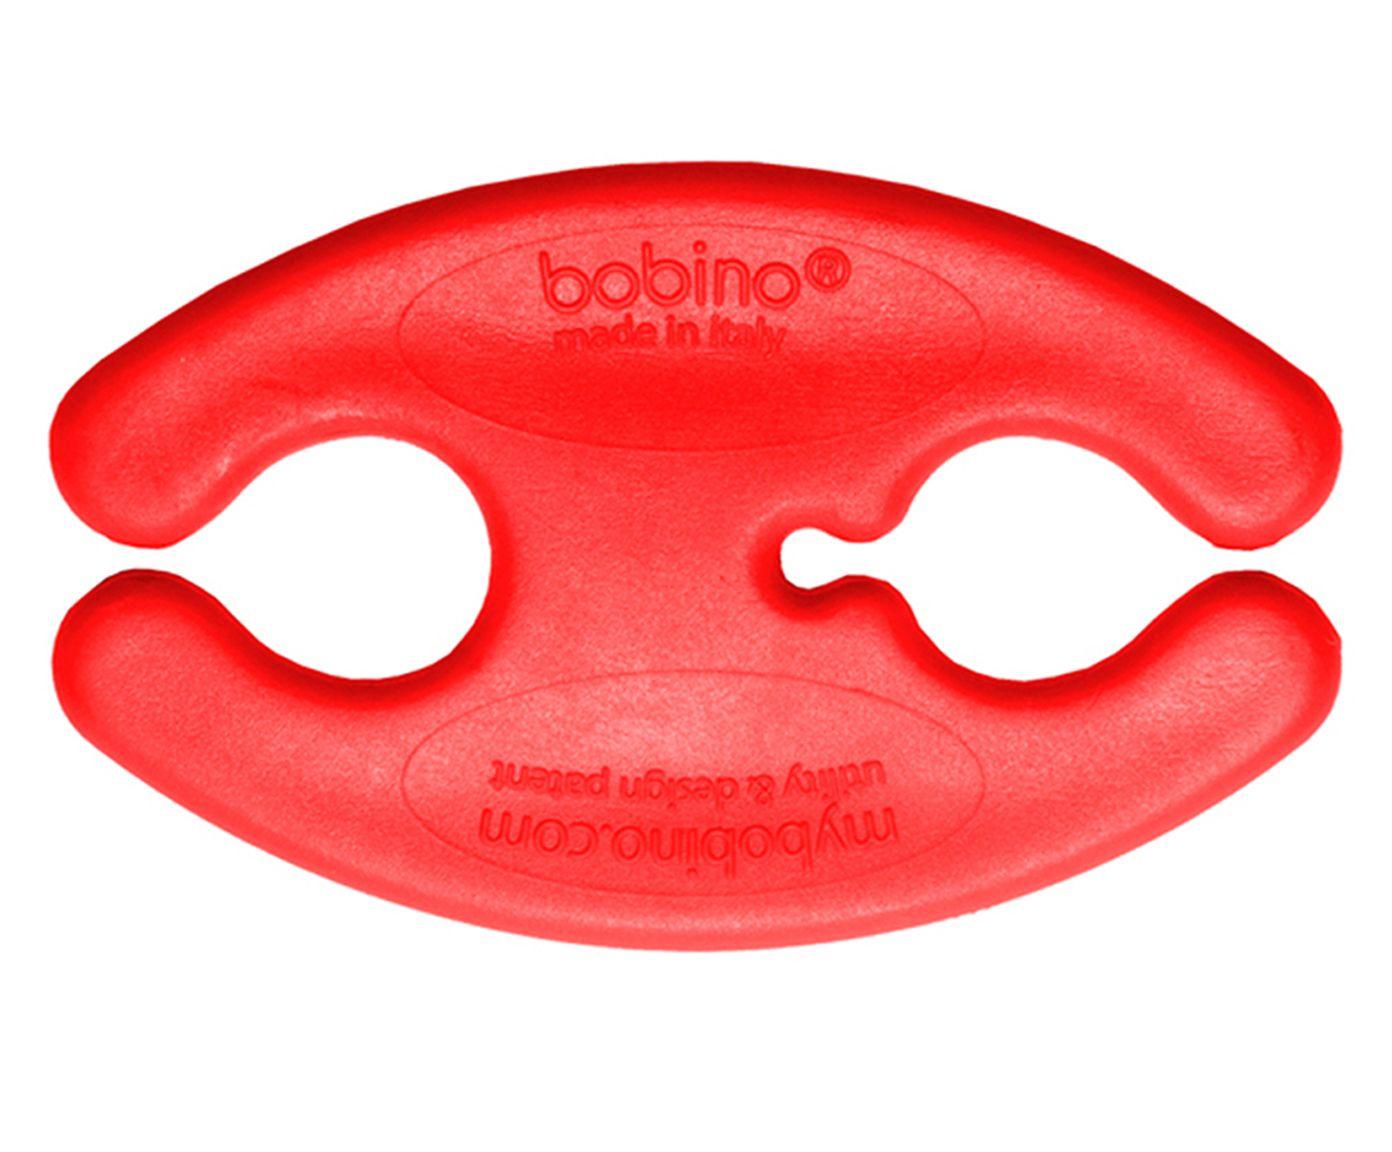 Organizador de Fios Bobino Vermelho - 5,5x3,5cm | Westwing.com.br